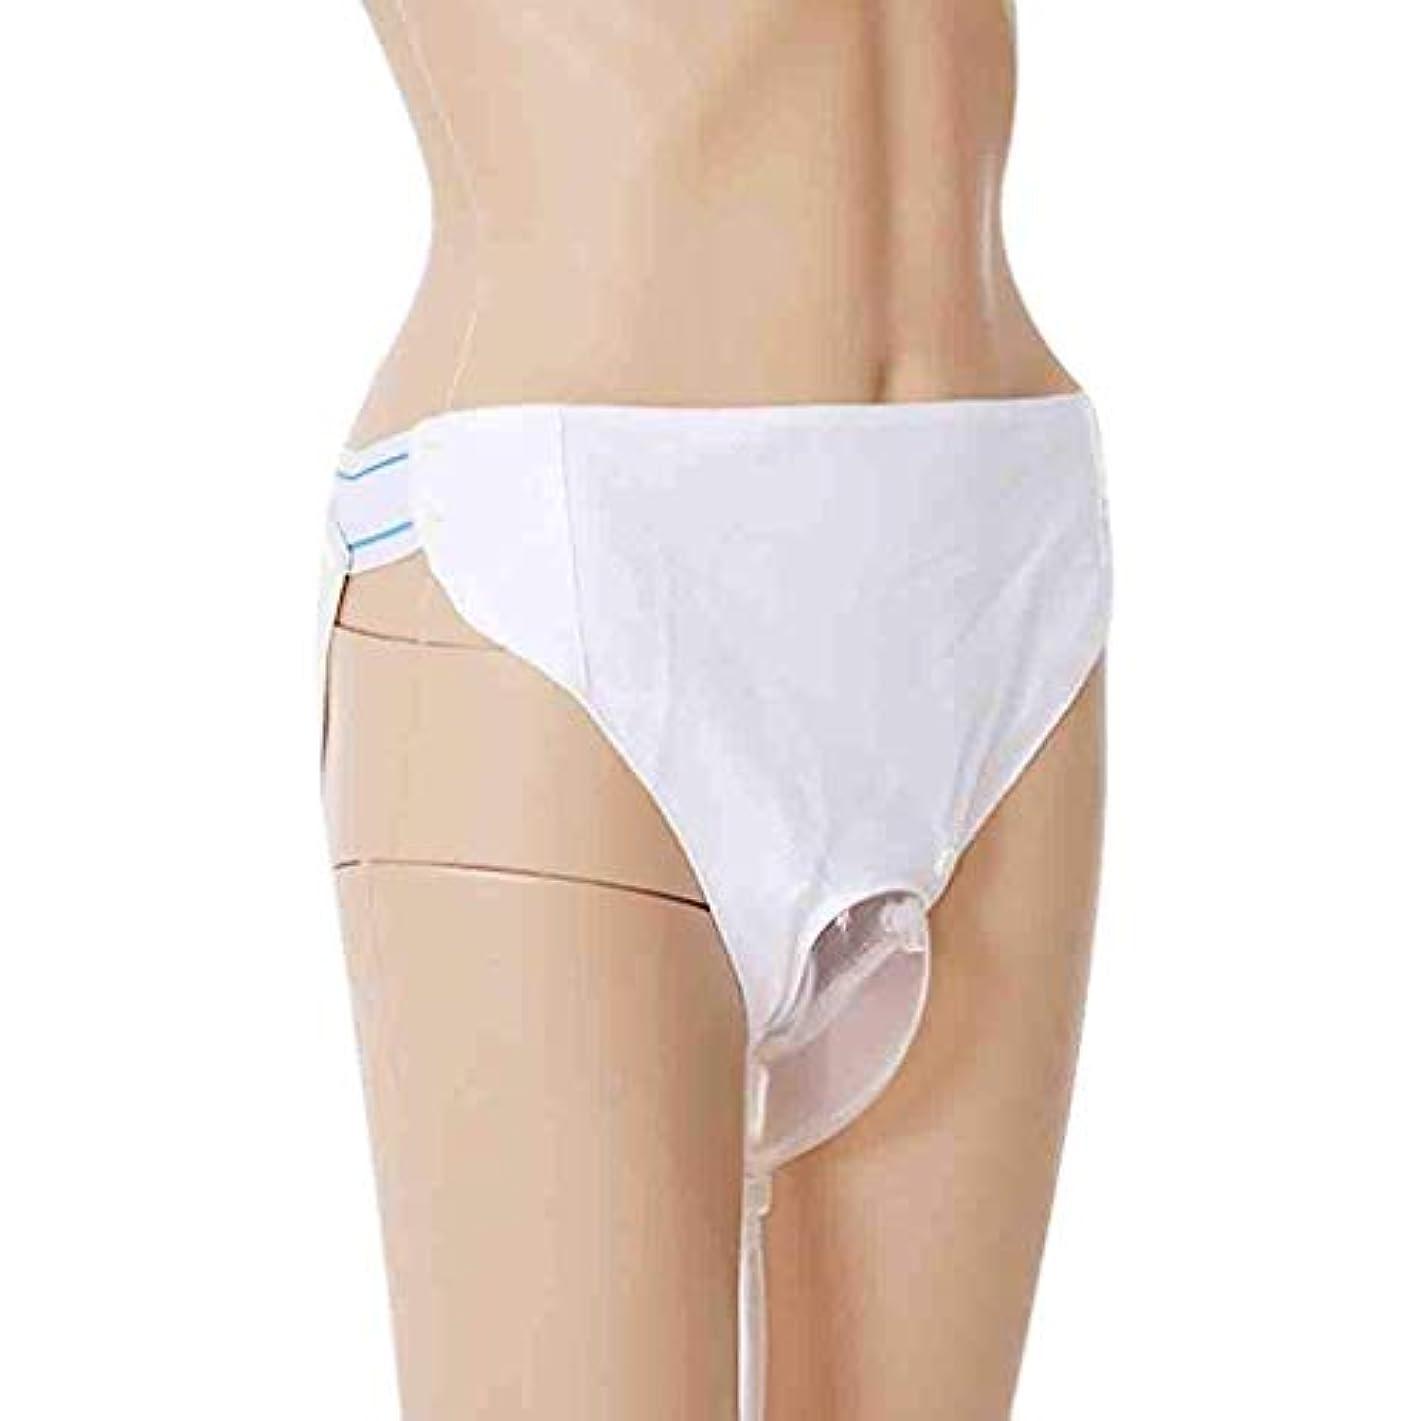 男性の女性の高齢者の尿バッグ排尿器おしっこホルダーこぼれ防止ポータブル尿コレクターバッグ用尿失禁 (Size : B)